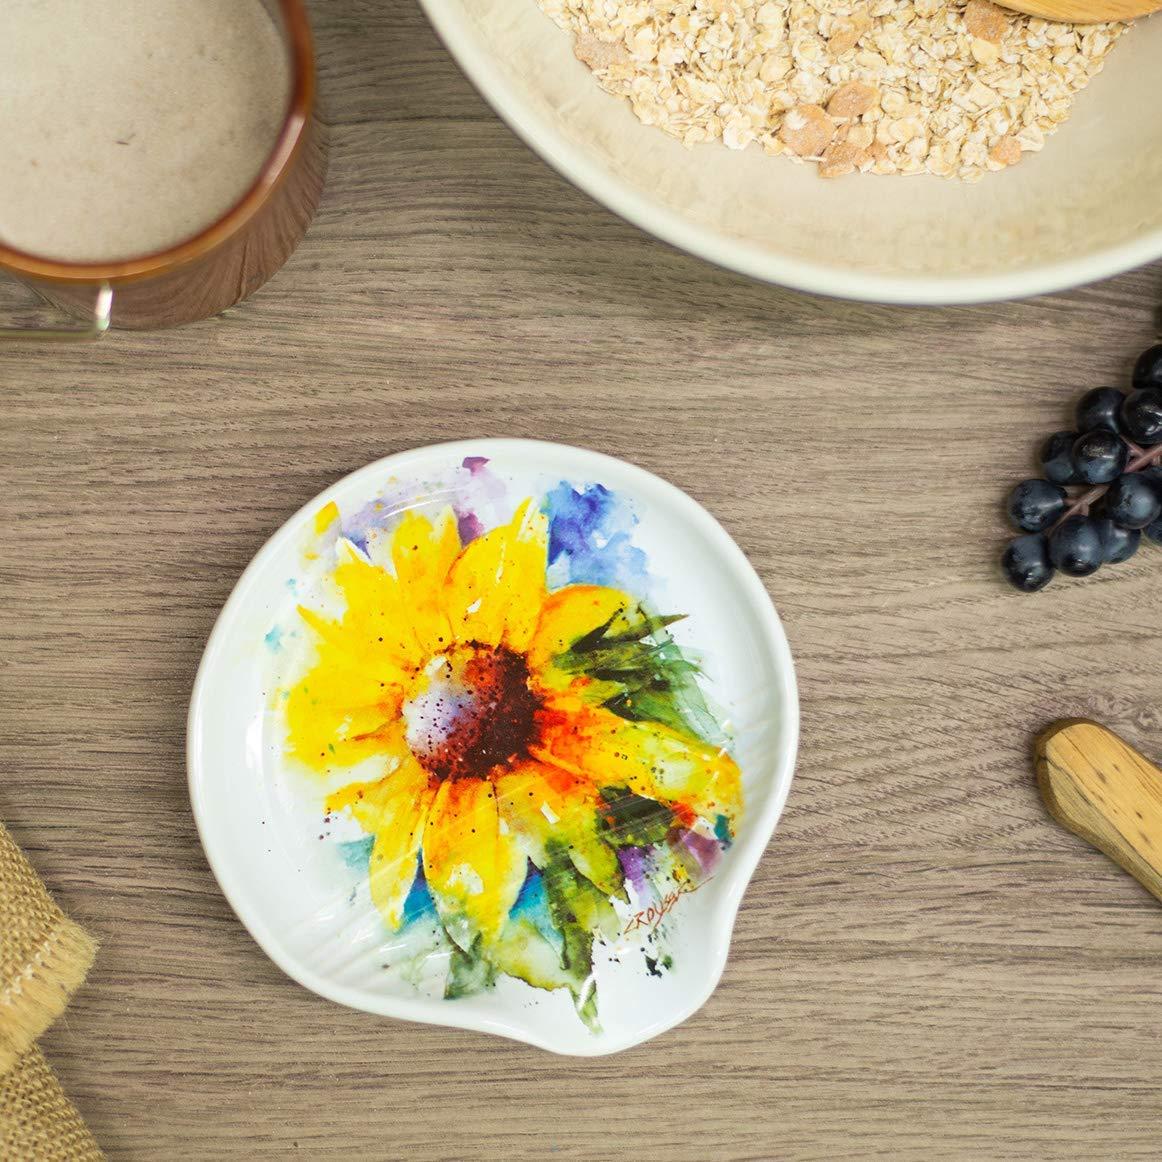 sunflower-kitchen-decor-spoon-rest